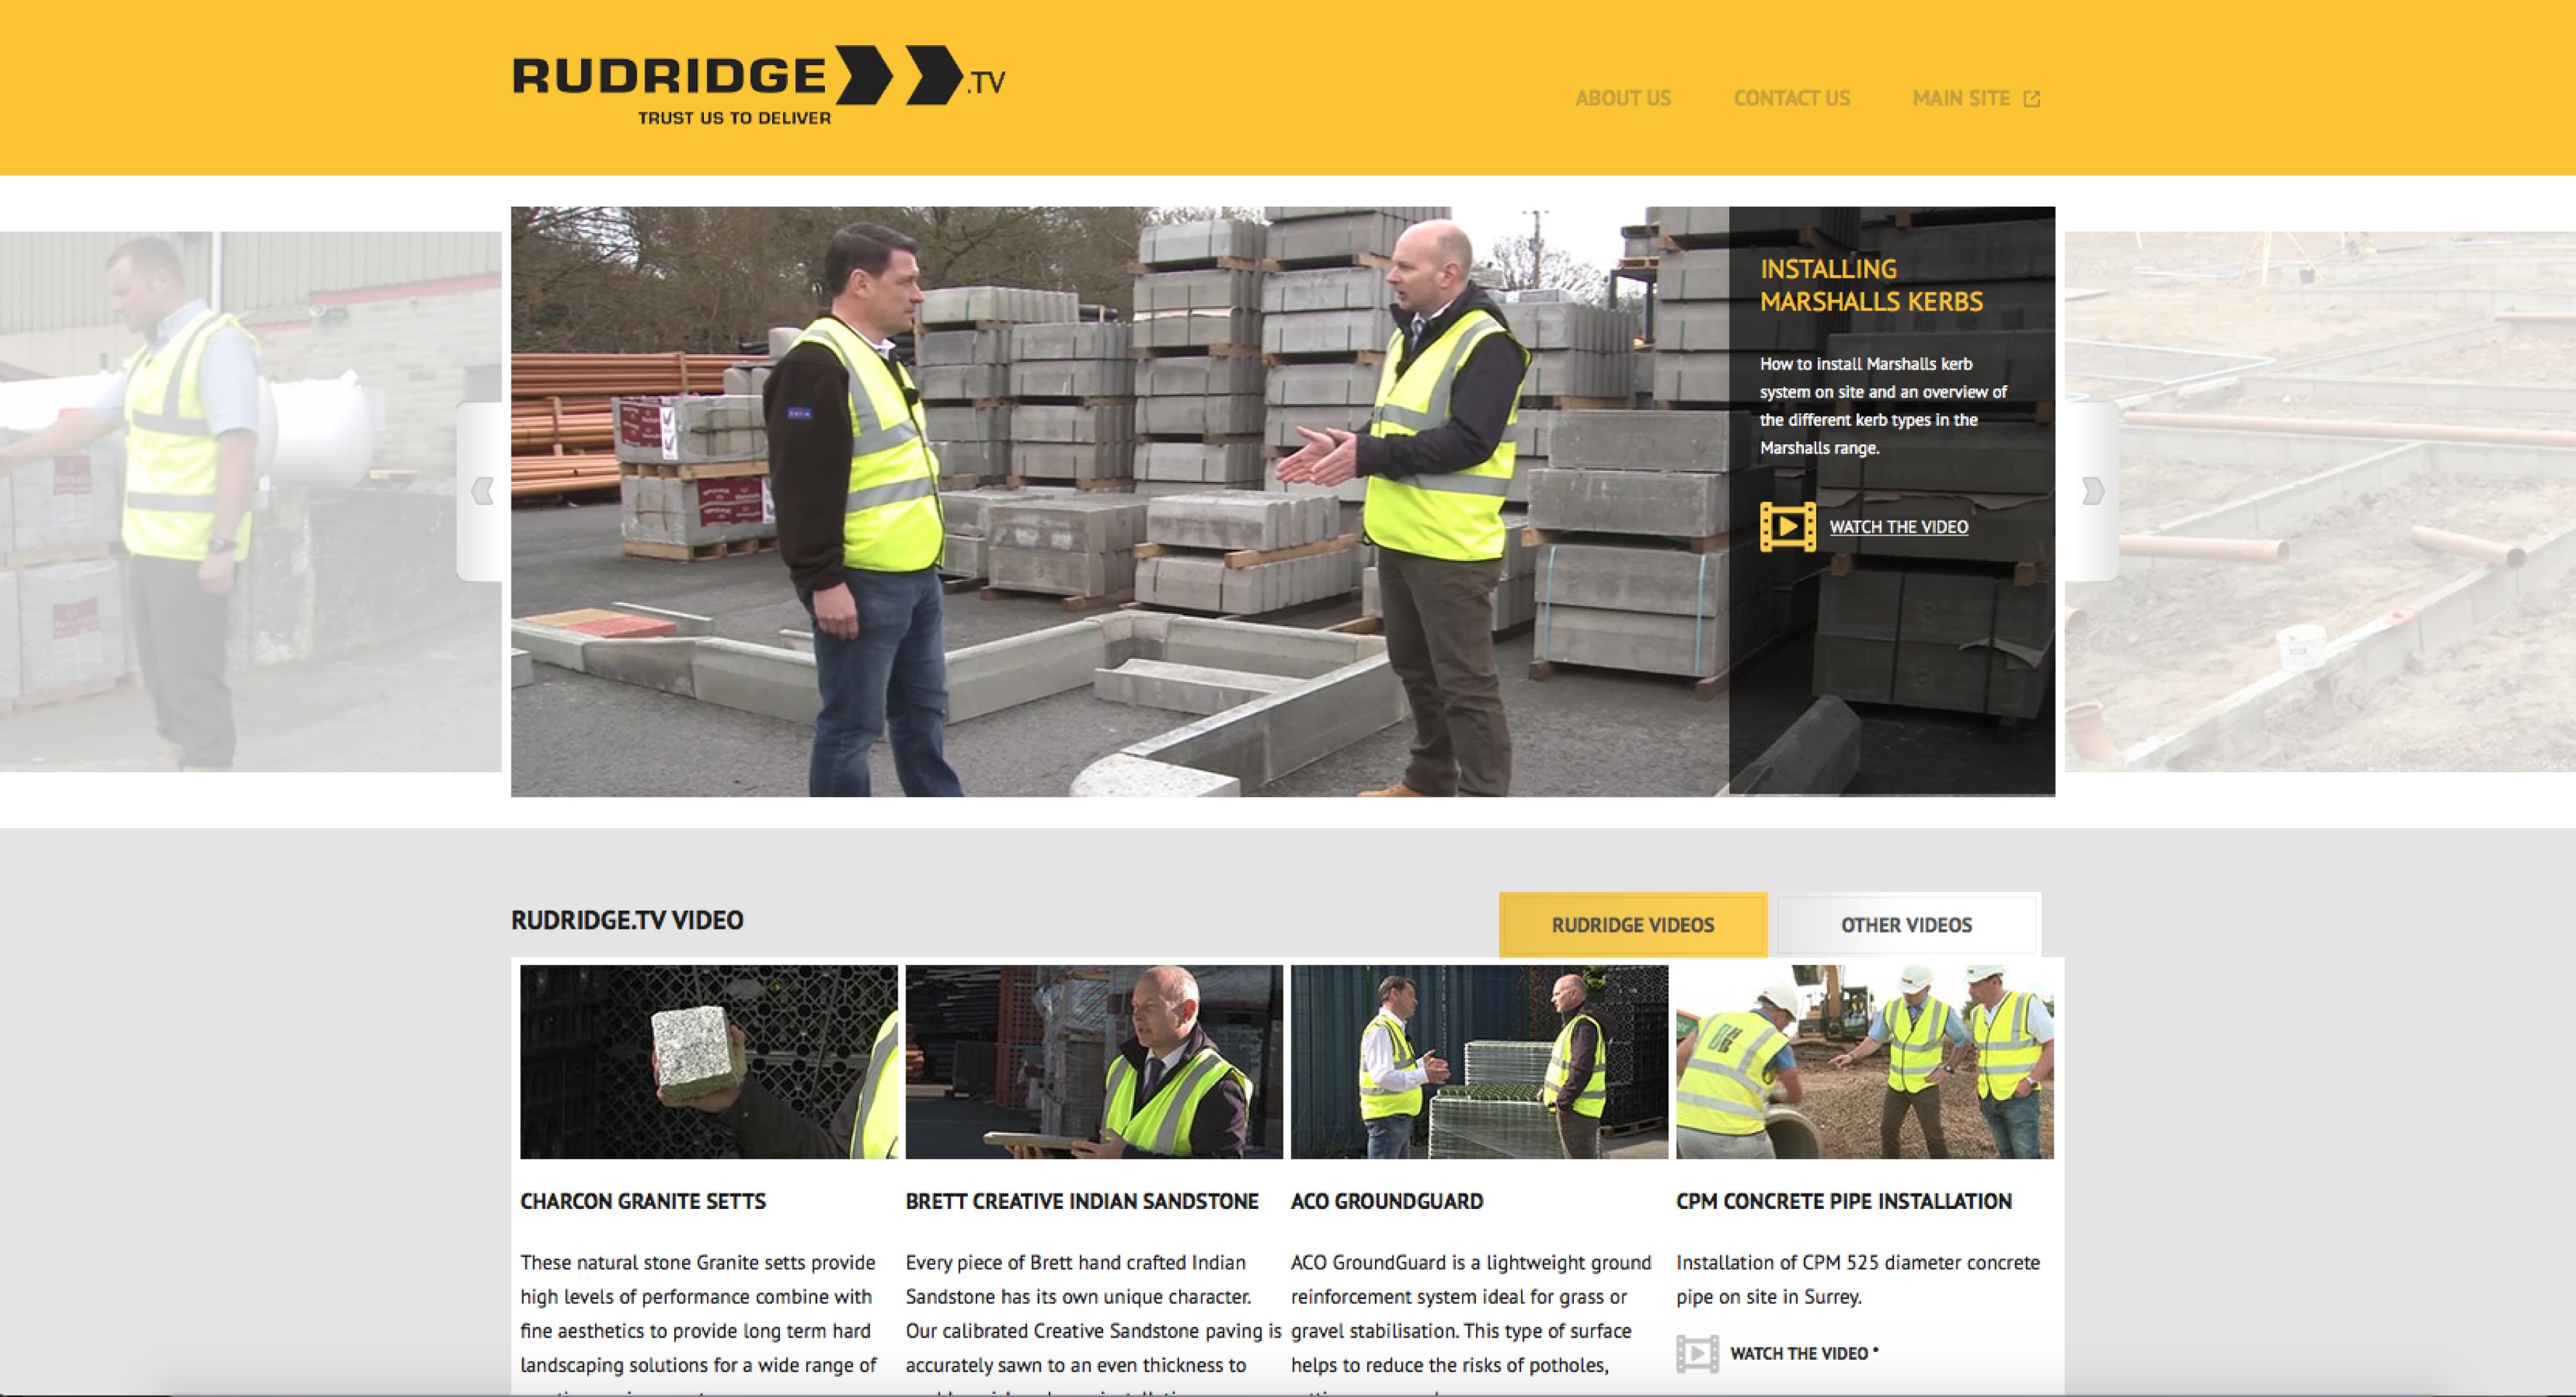 rudridge tv website